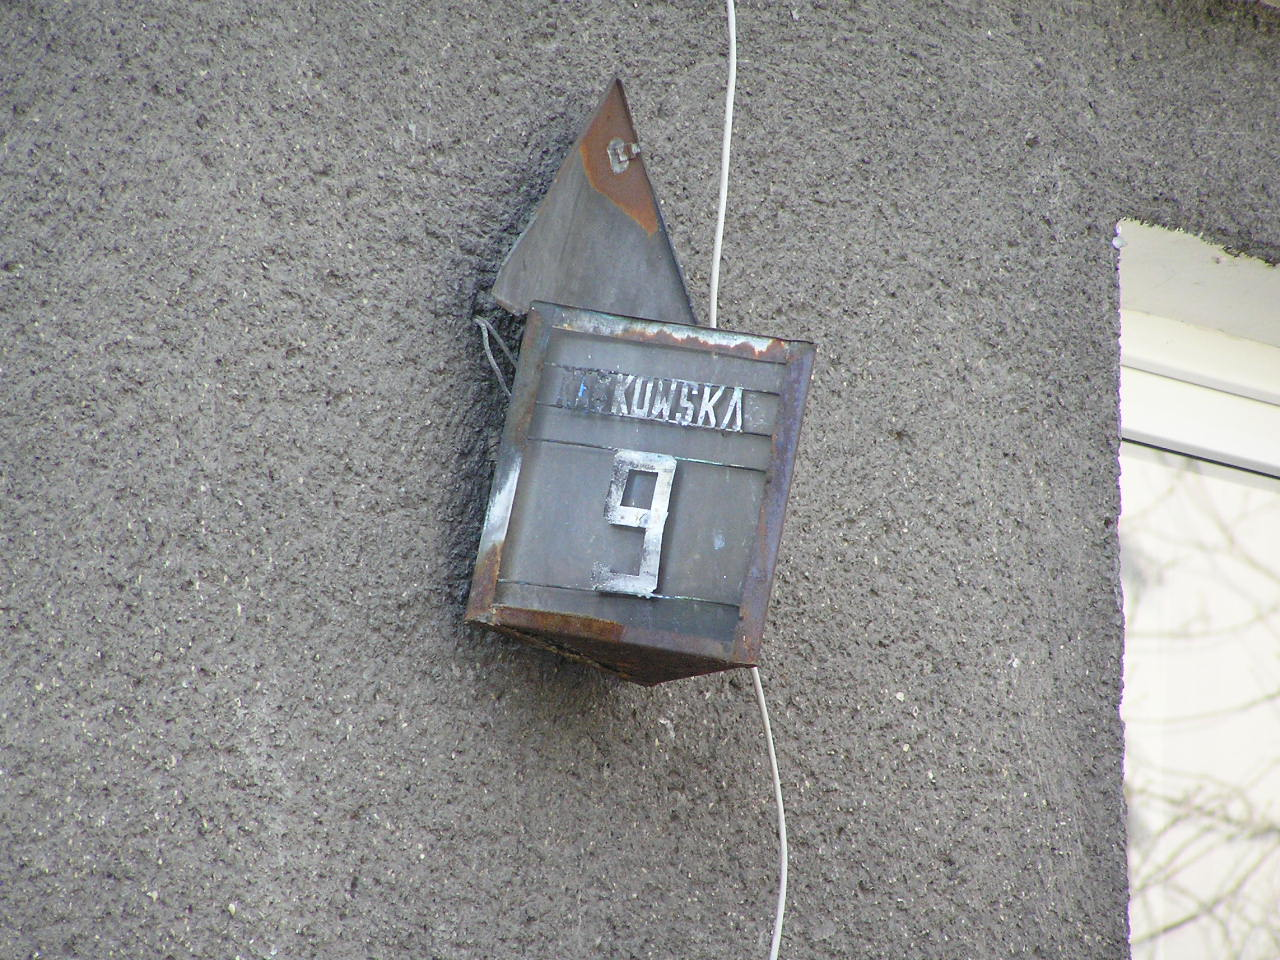 Latarenka adresowa przy ulicy Rębkowskiej 9 na Grochowie